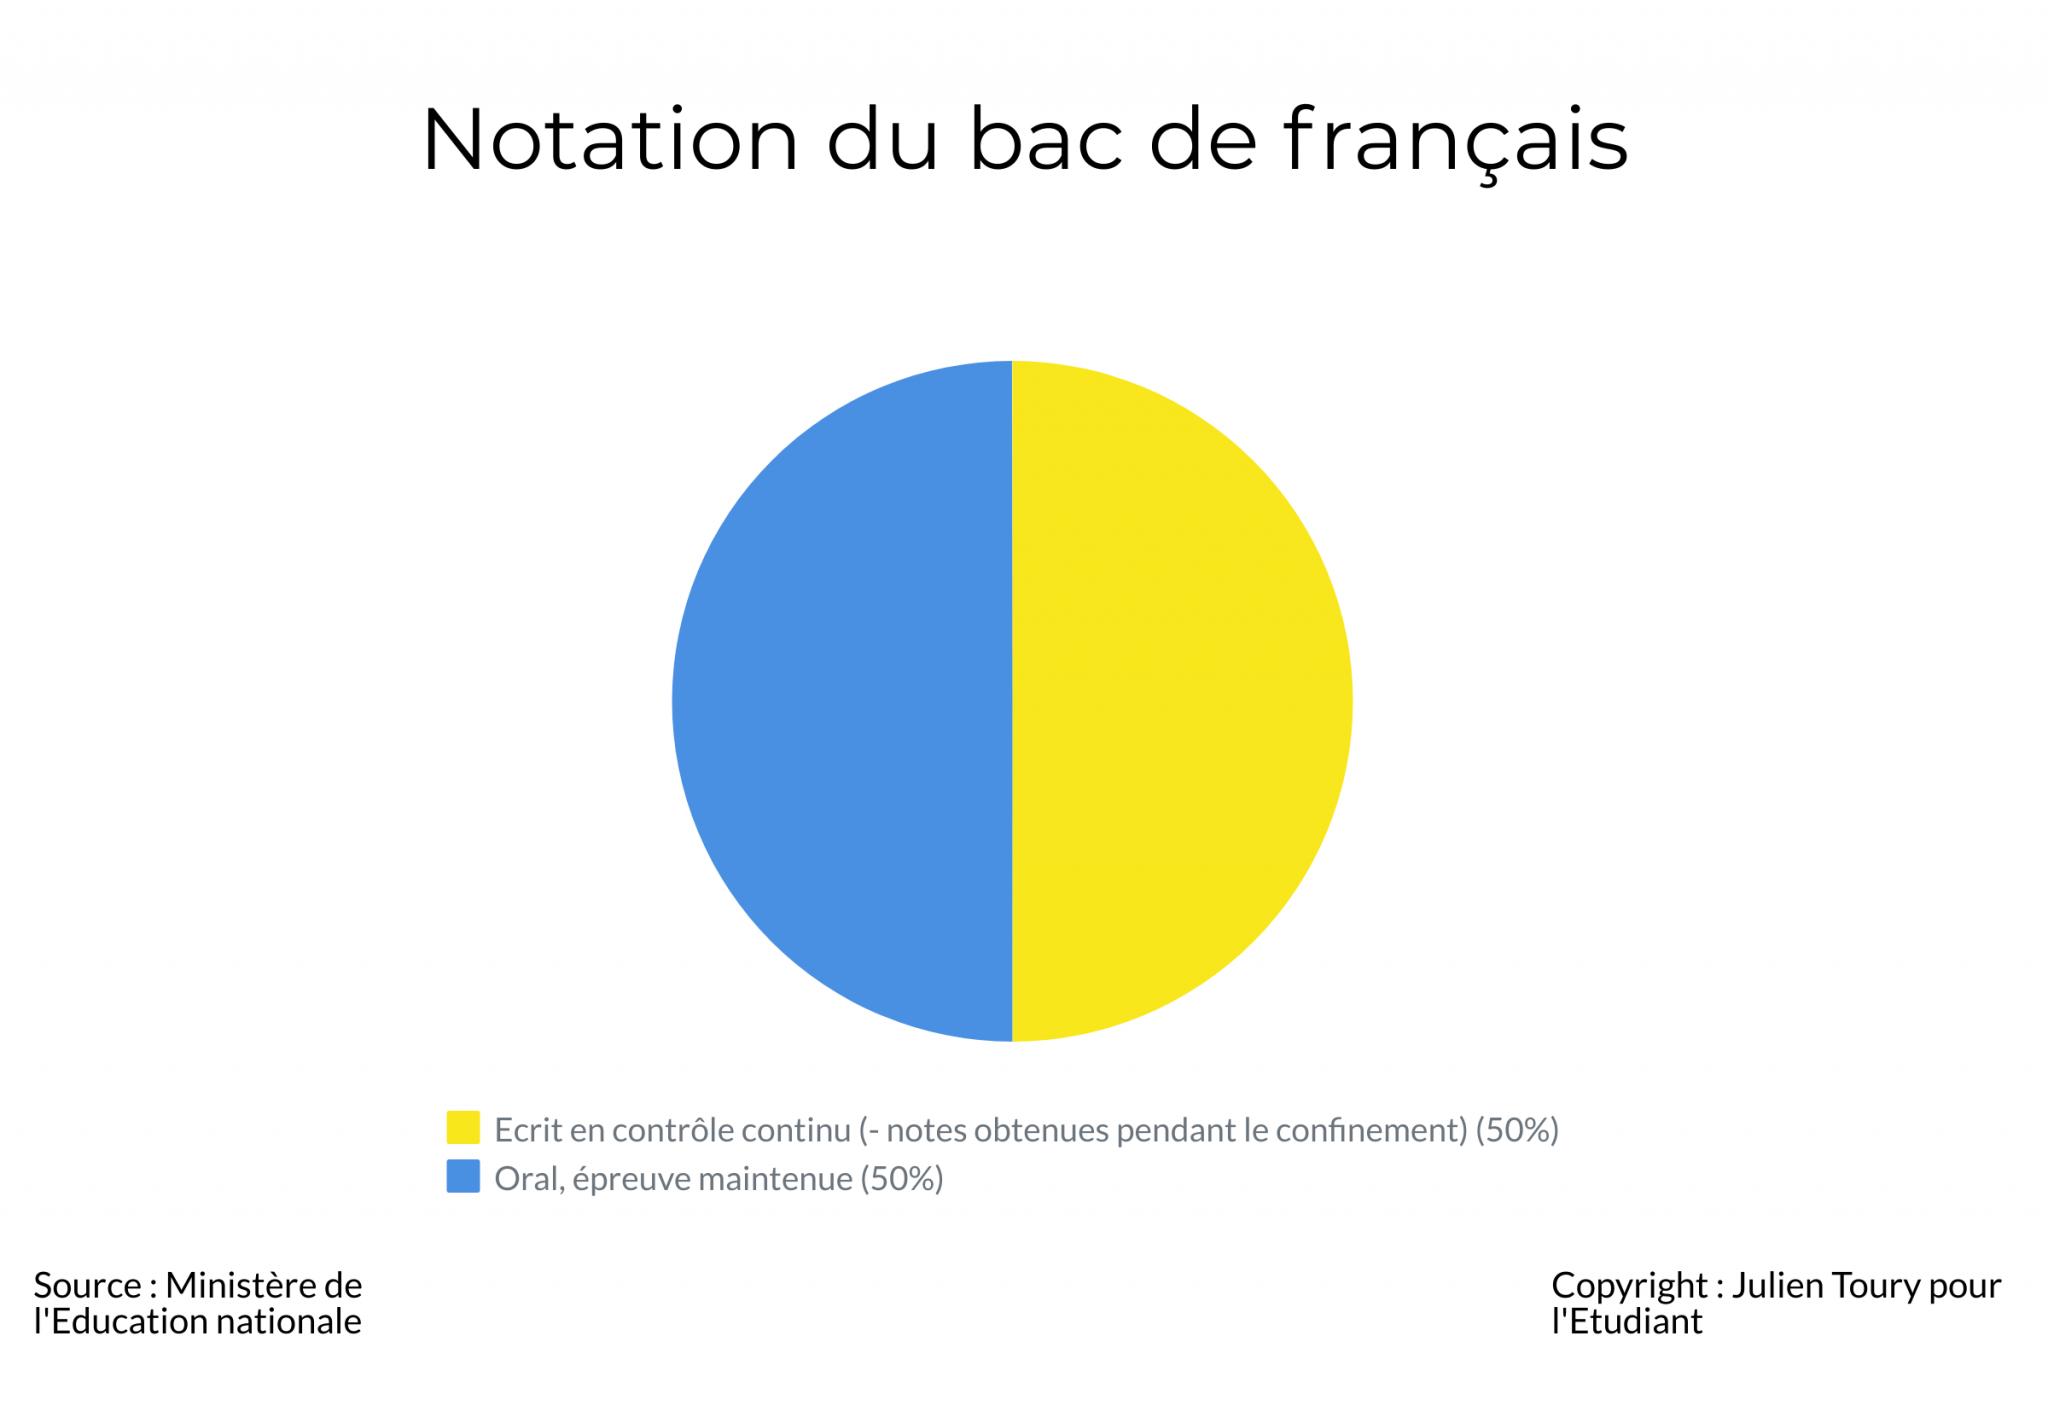 Notation du bac de français